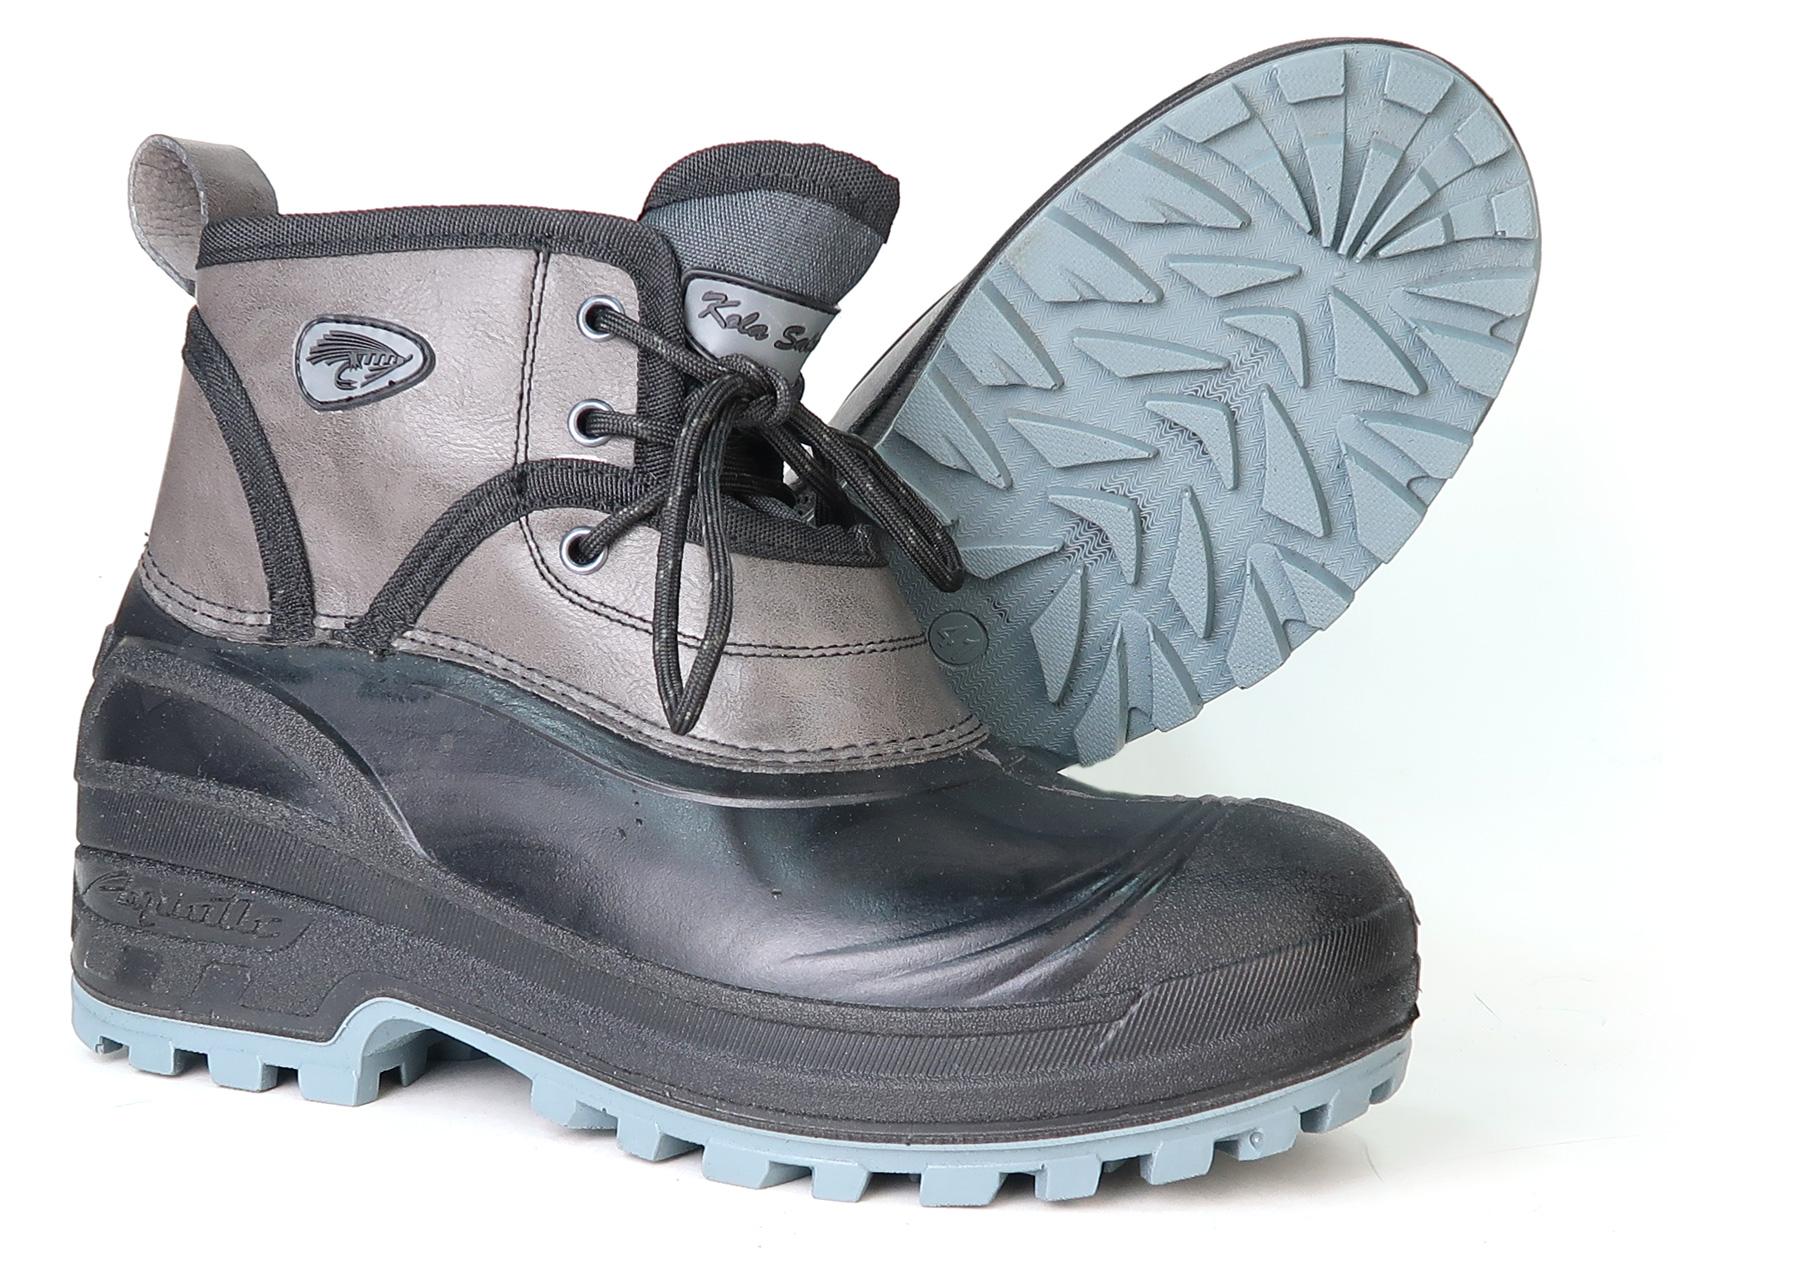 e3e69a94 Ботинки забродные KOLA SALMON AQUATIC BOOTS с полиуретановой подошвой